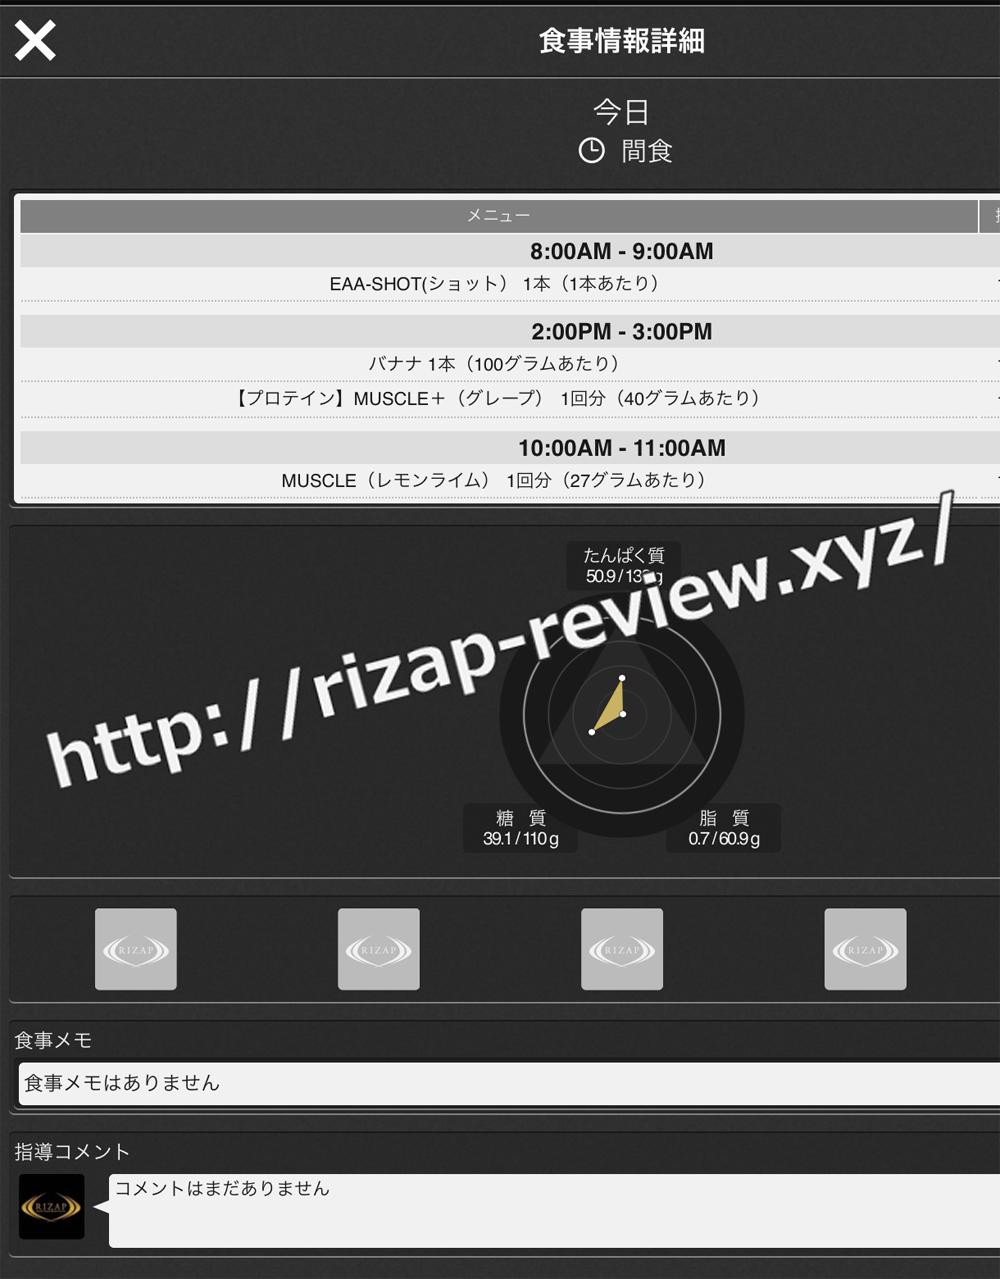 2018.10.29(月)ライザップ流の間食